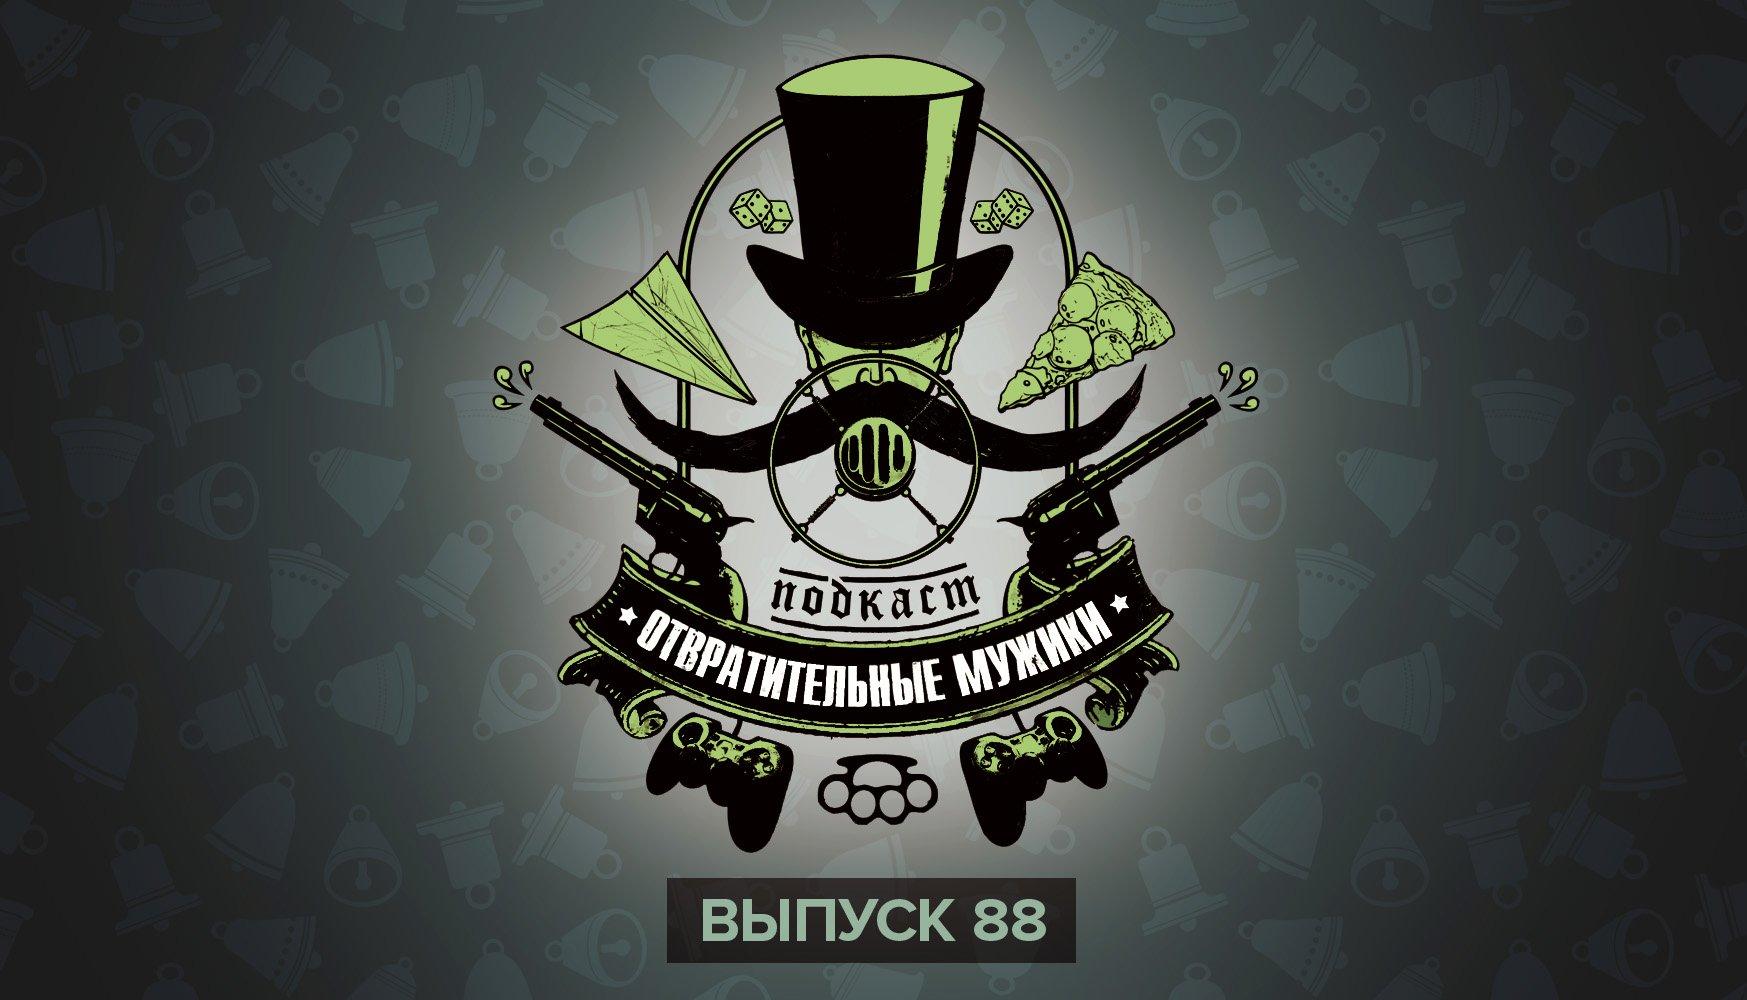 Подкаст Отвратительные мужики Выпуск 88